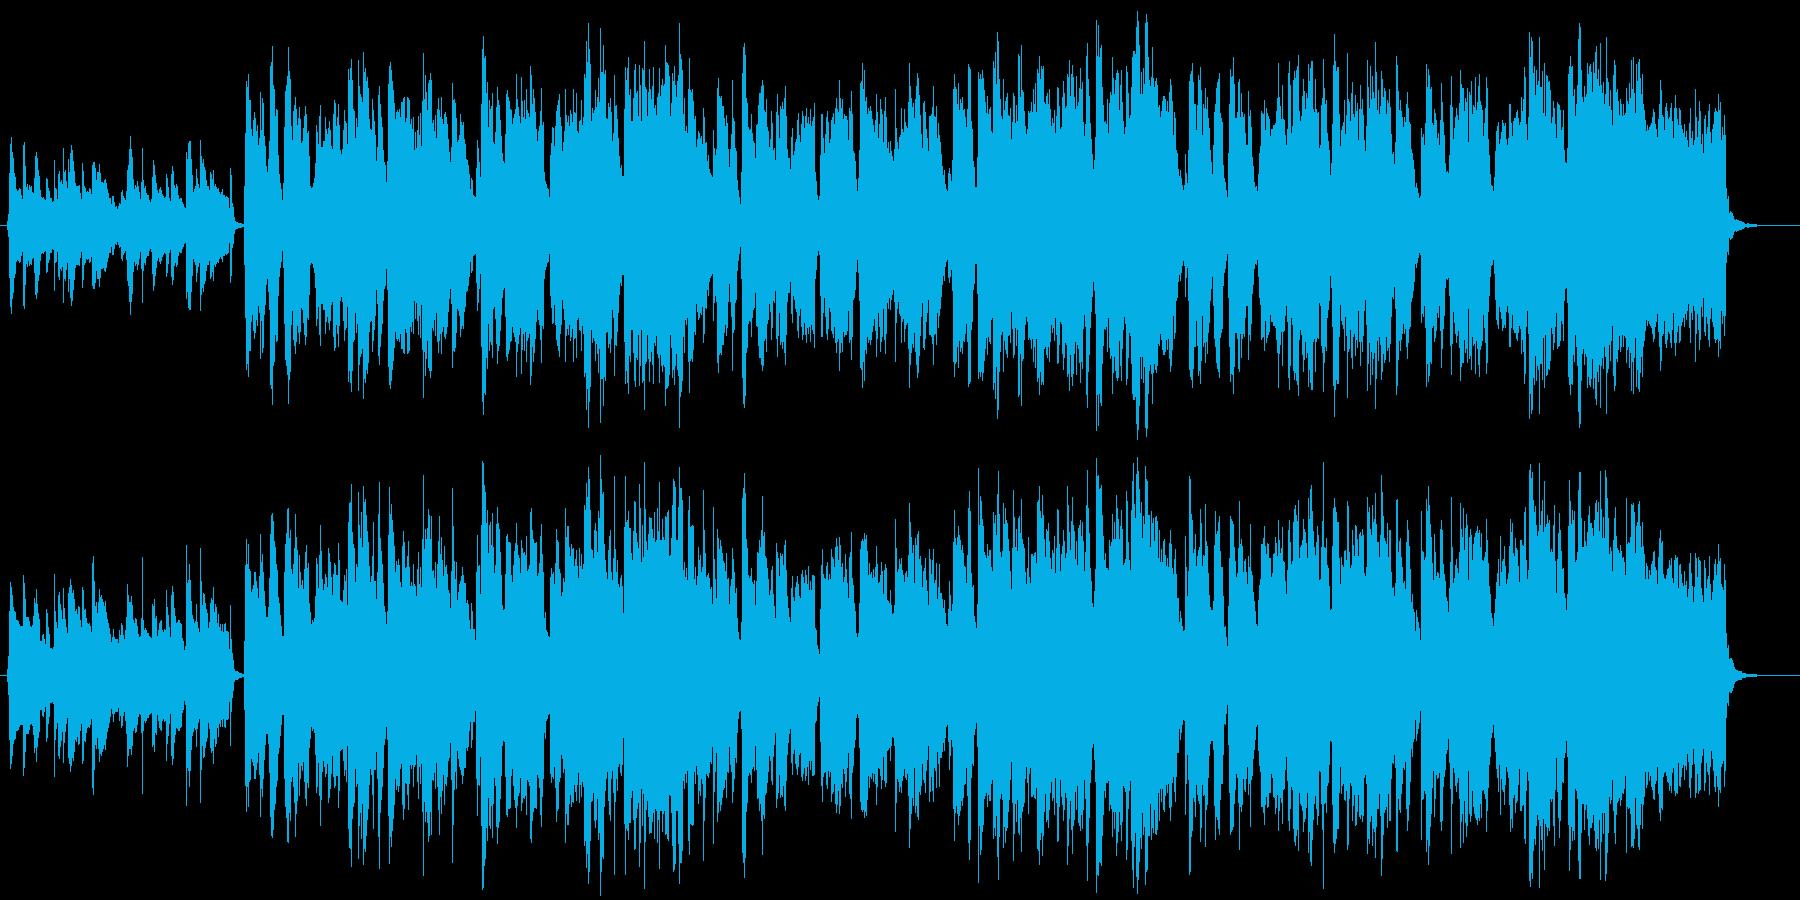 田舎町・ほのぼのとしたケルト・民族音楽の再生済みの波形